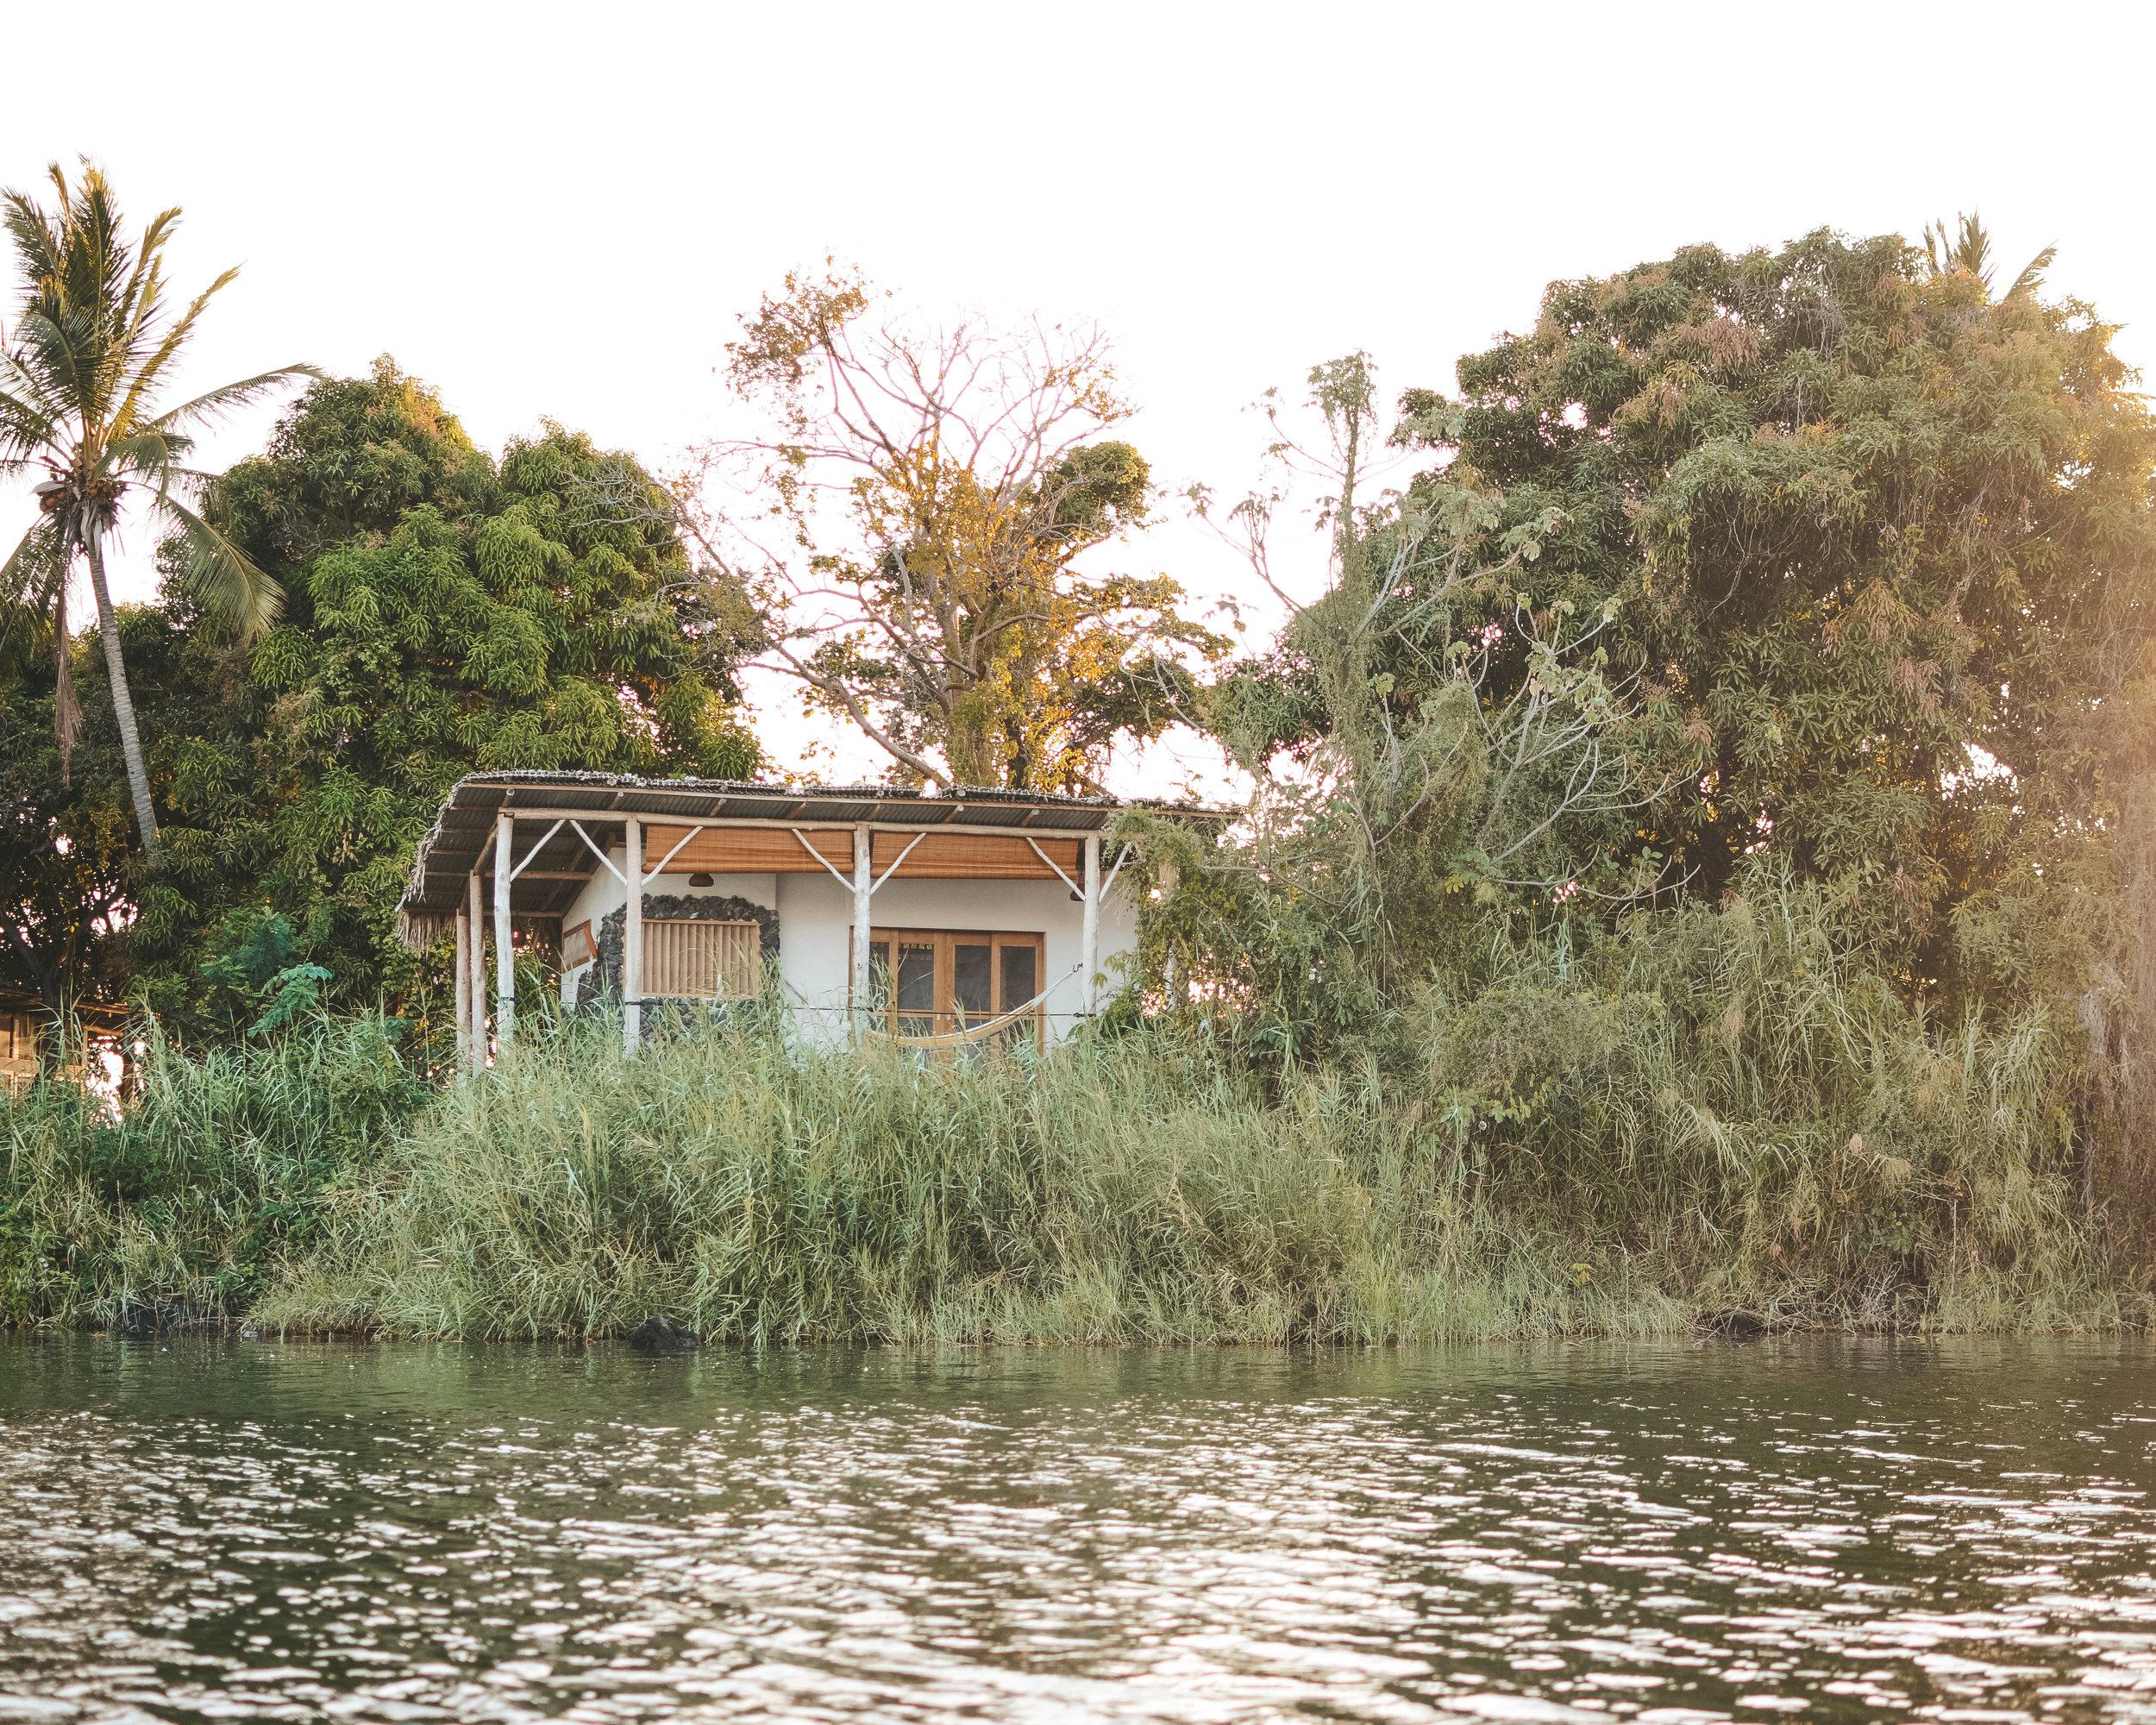 Bungalow at Isleta el Espino